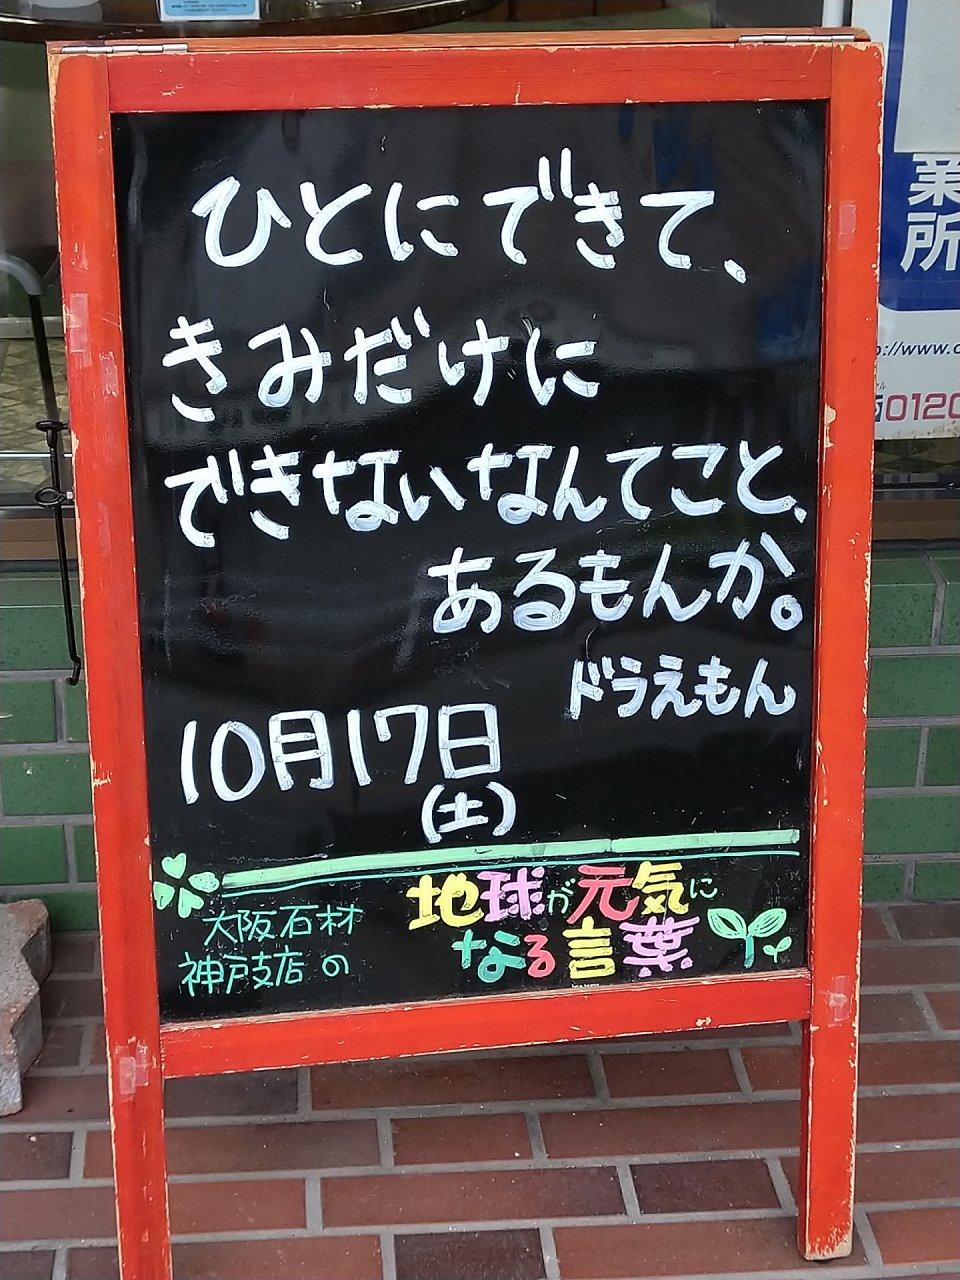 神戸の墓石店「地球が元気になる言葉」の写真 2020年10月17日